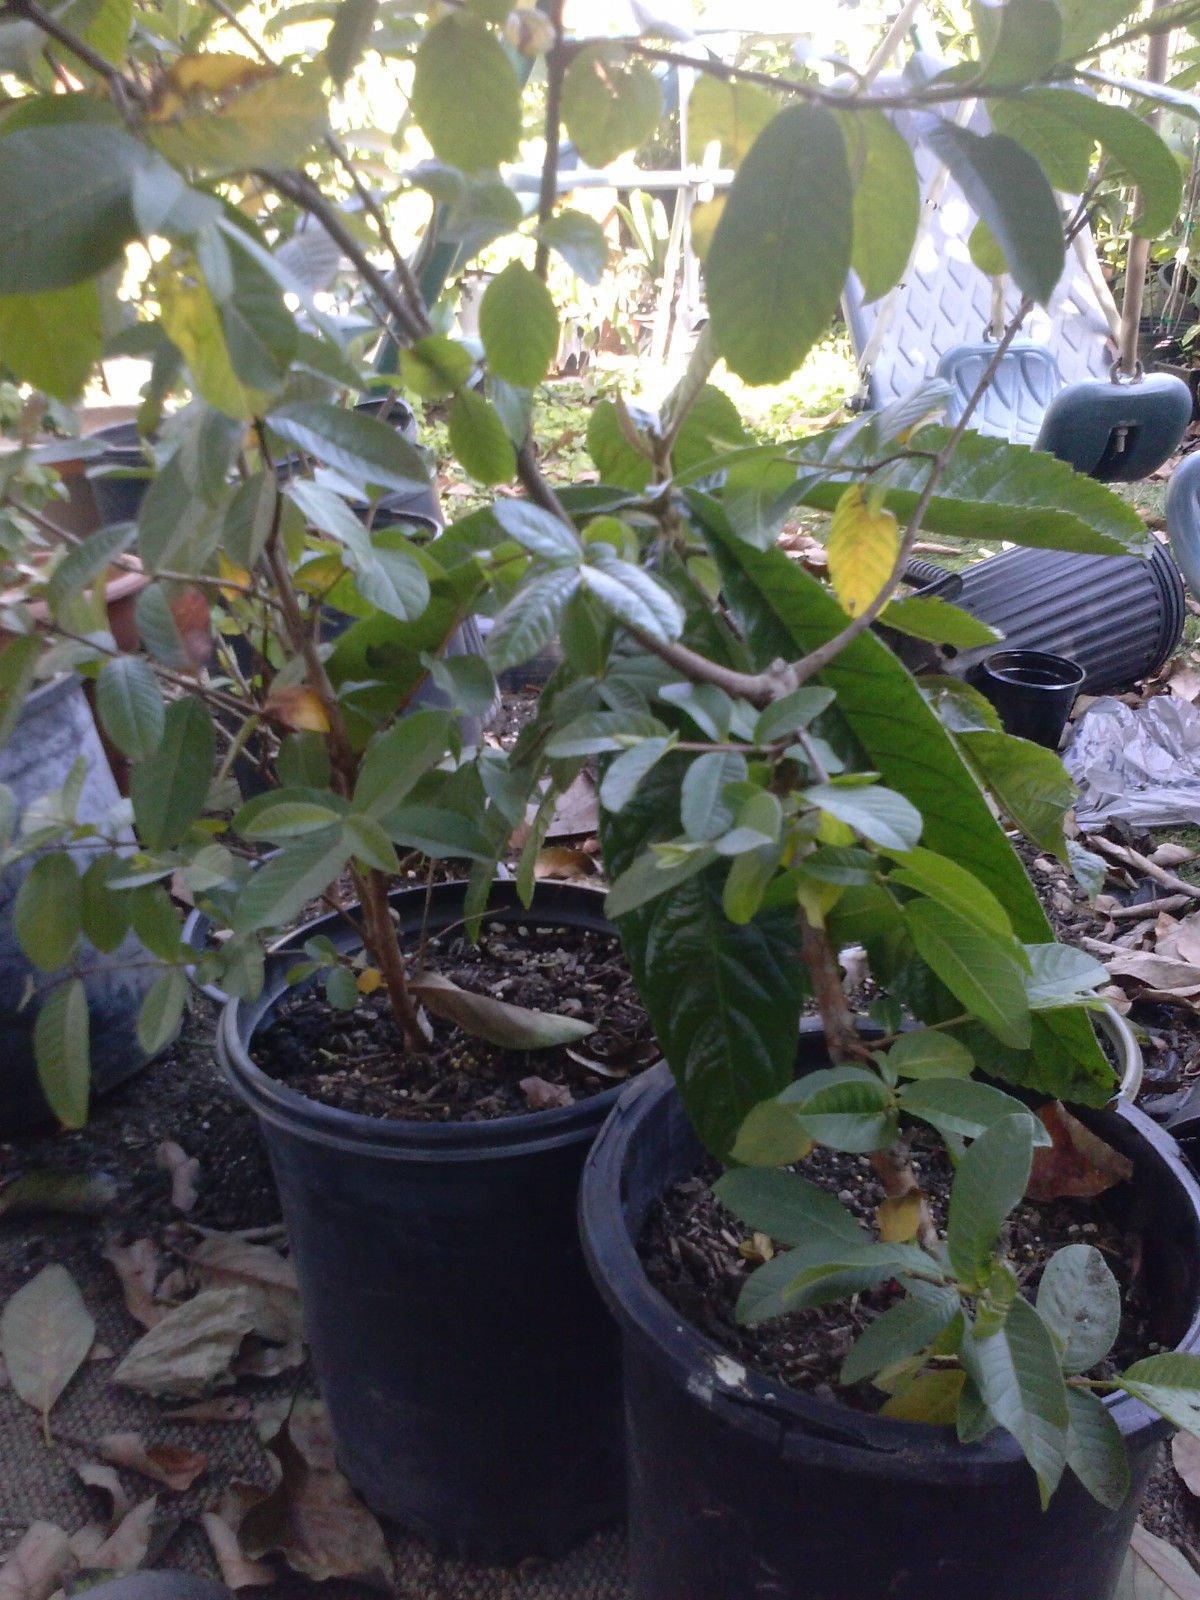 9EzTropical - Tropical Guava White Flesh - 2 to 3 Feet Tall - Ship in 1 Gal Pot